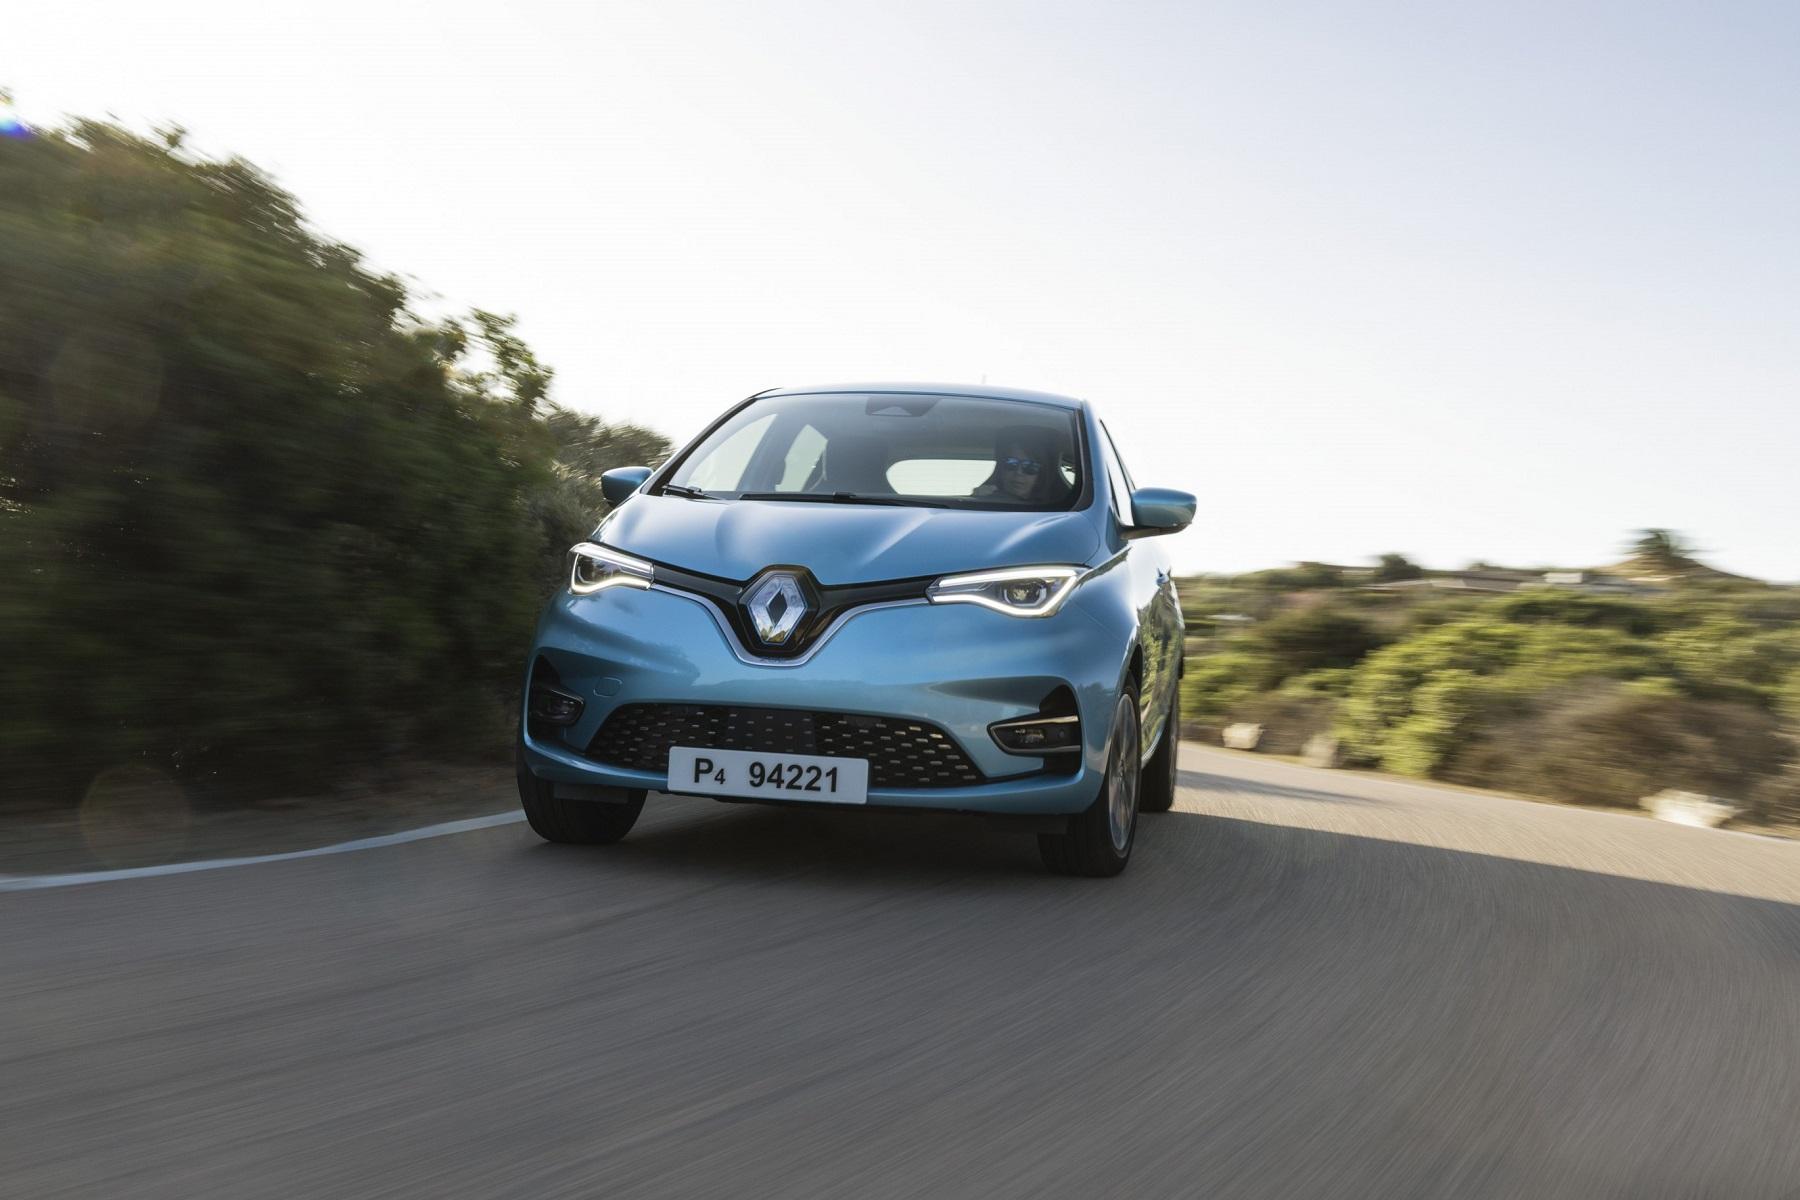 Renault s prehľadom splní emisie 2020. Voľné emisné kvóty ponúkne konkurencii